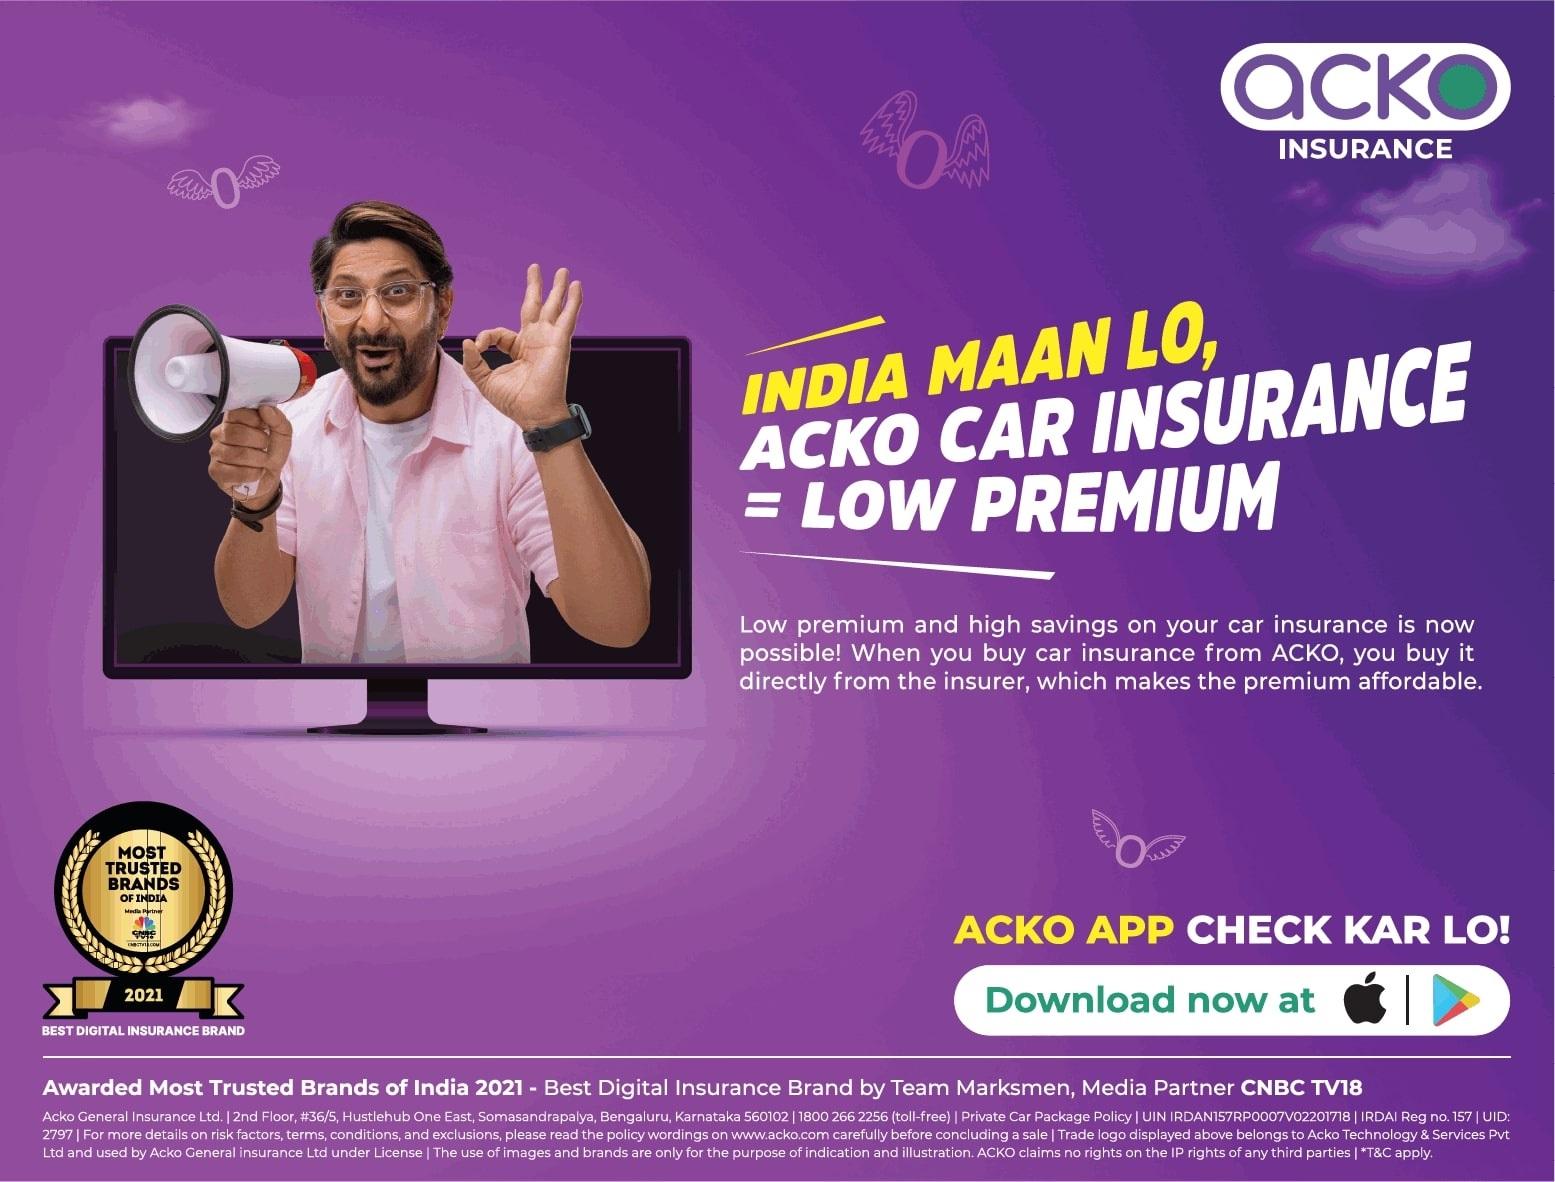 India Maan Lo Acko Car Insurance=Low Premium